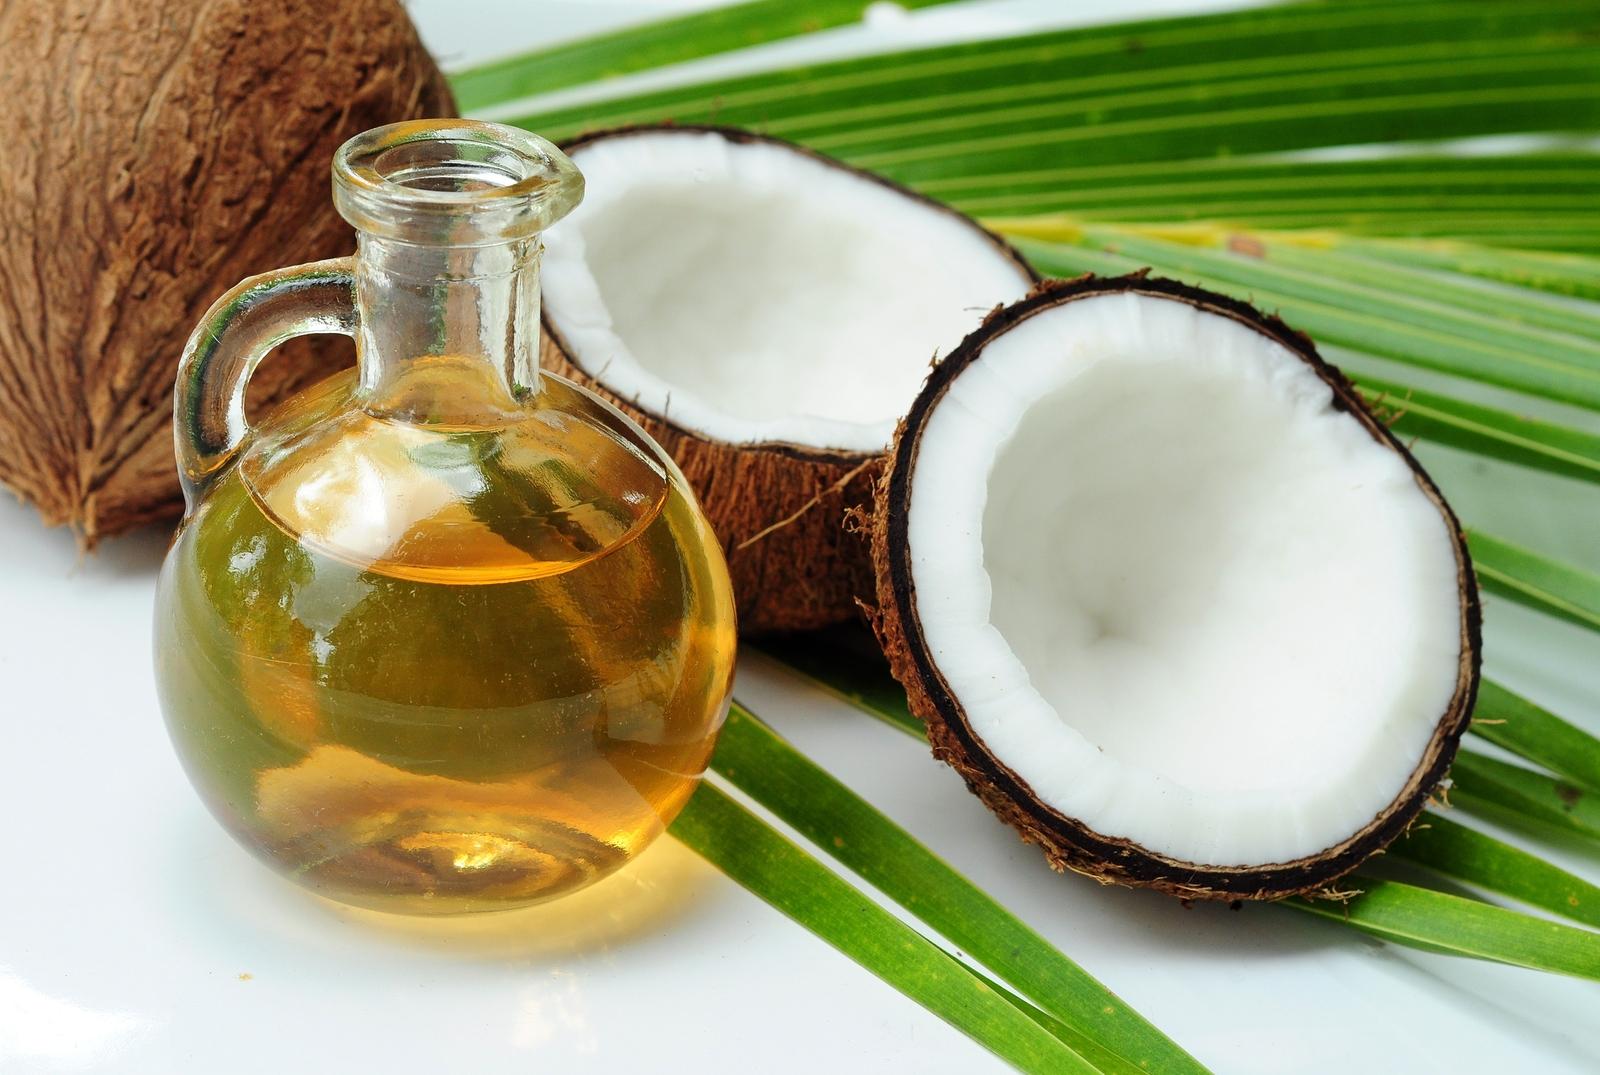 今流行りのココナッツオイル。気になるダイエットの効果は?のサムネイル画像